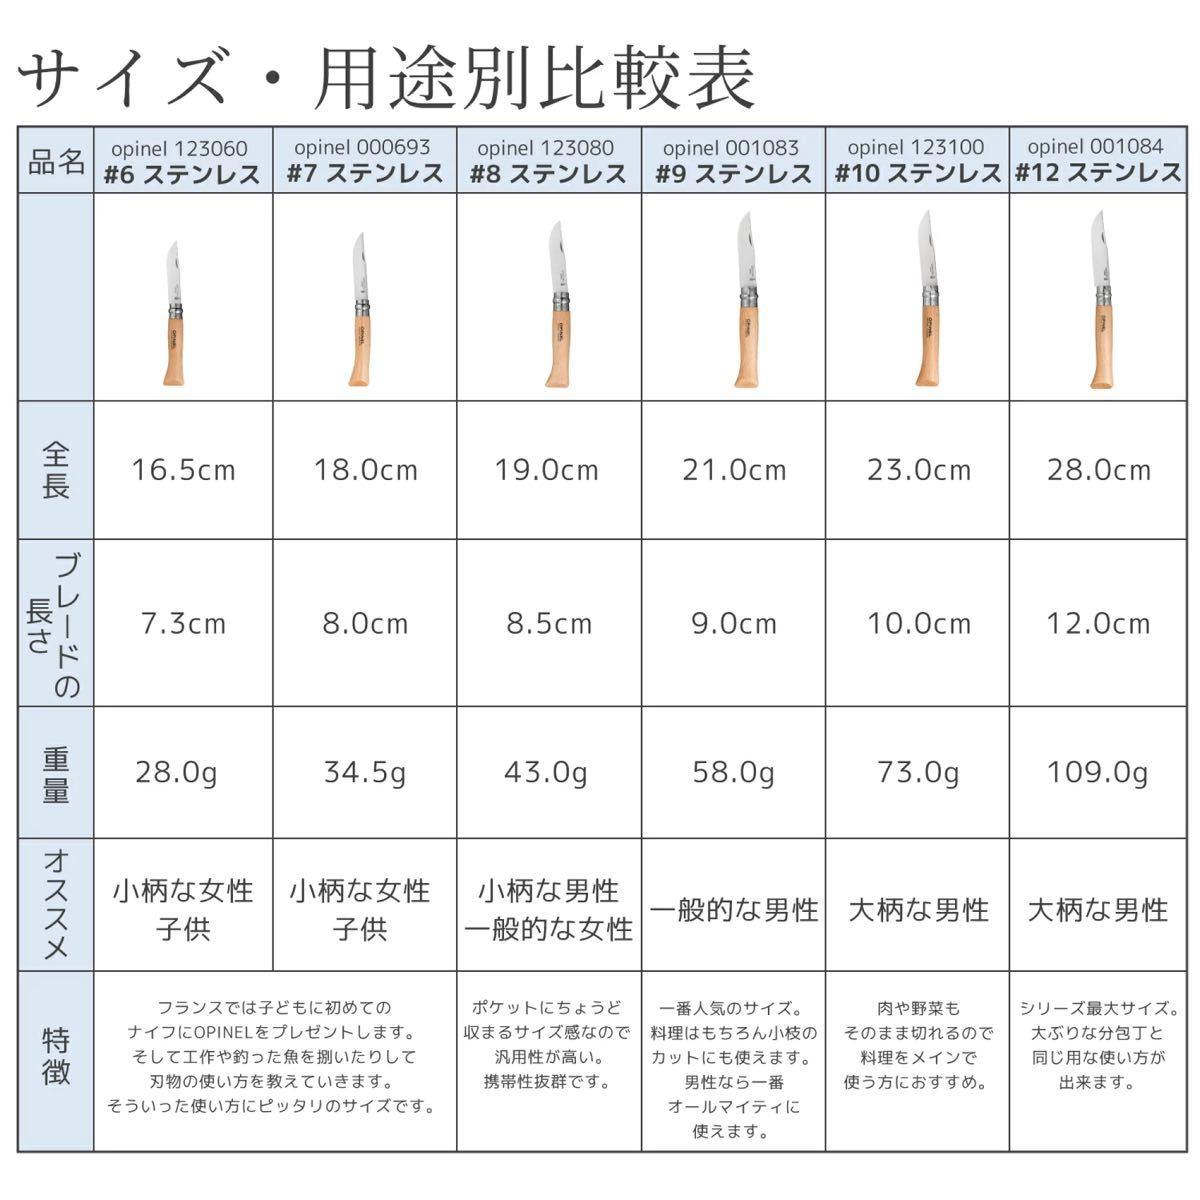 オピネルナイフ #12 12cm  新品 ソロキャンプに オススメ OPINEL